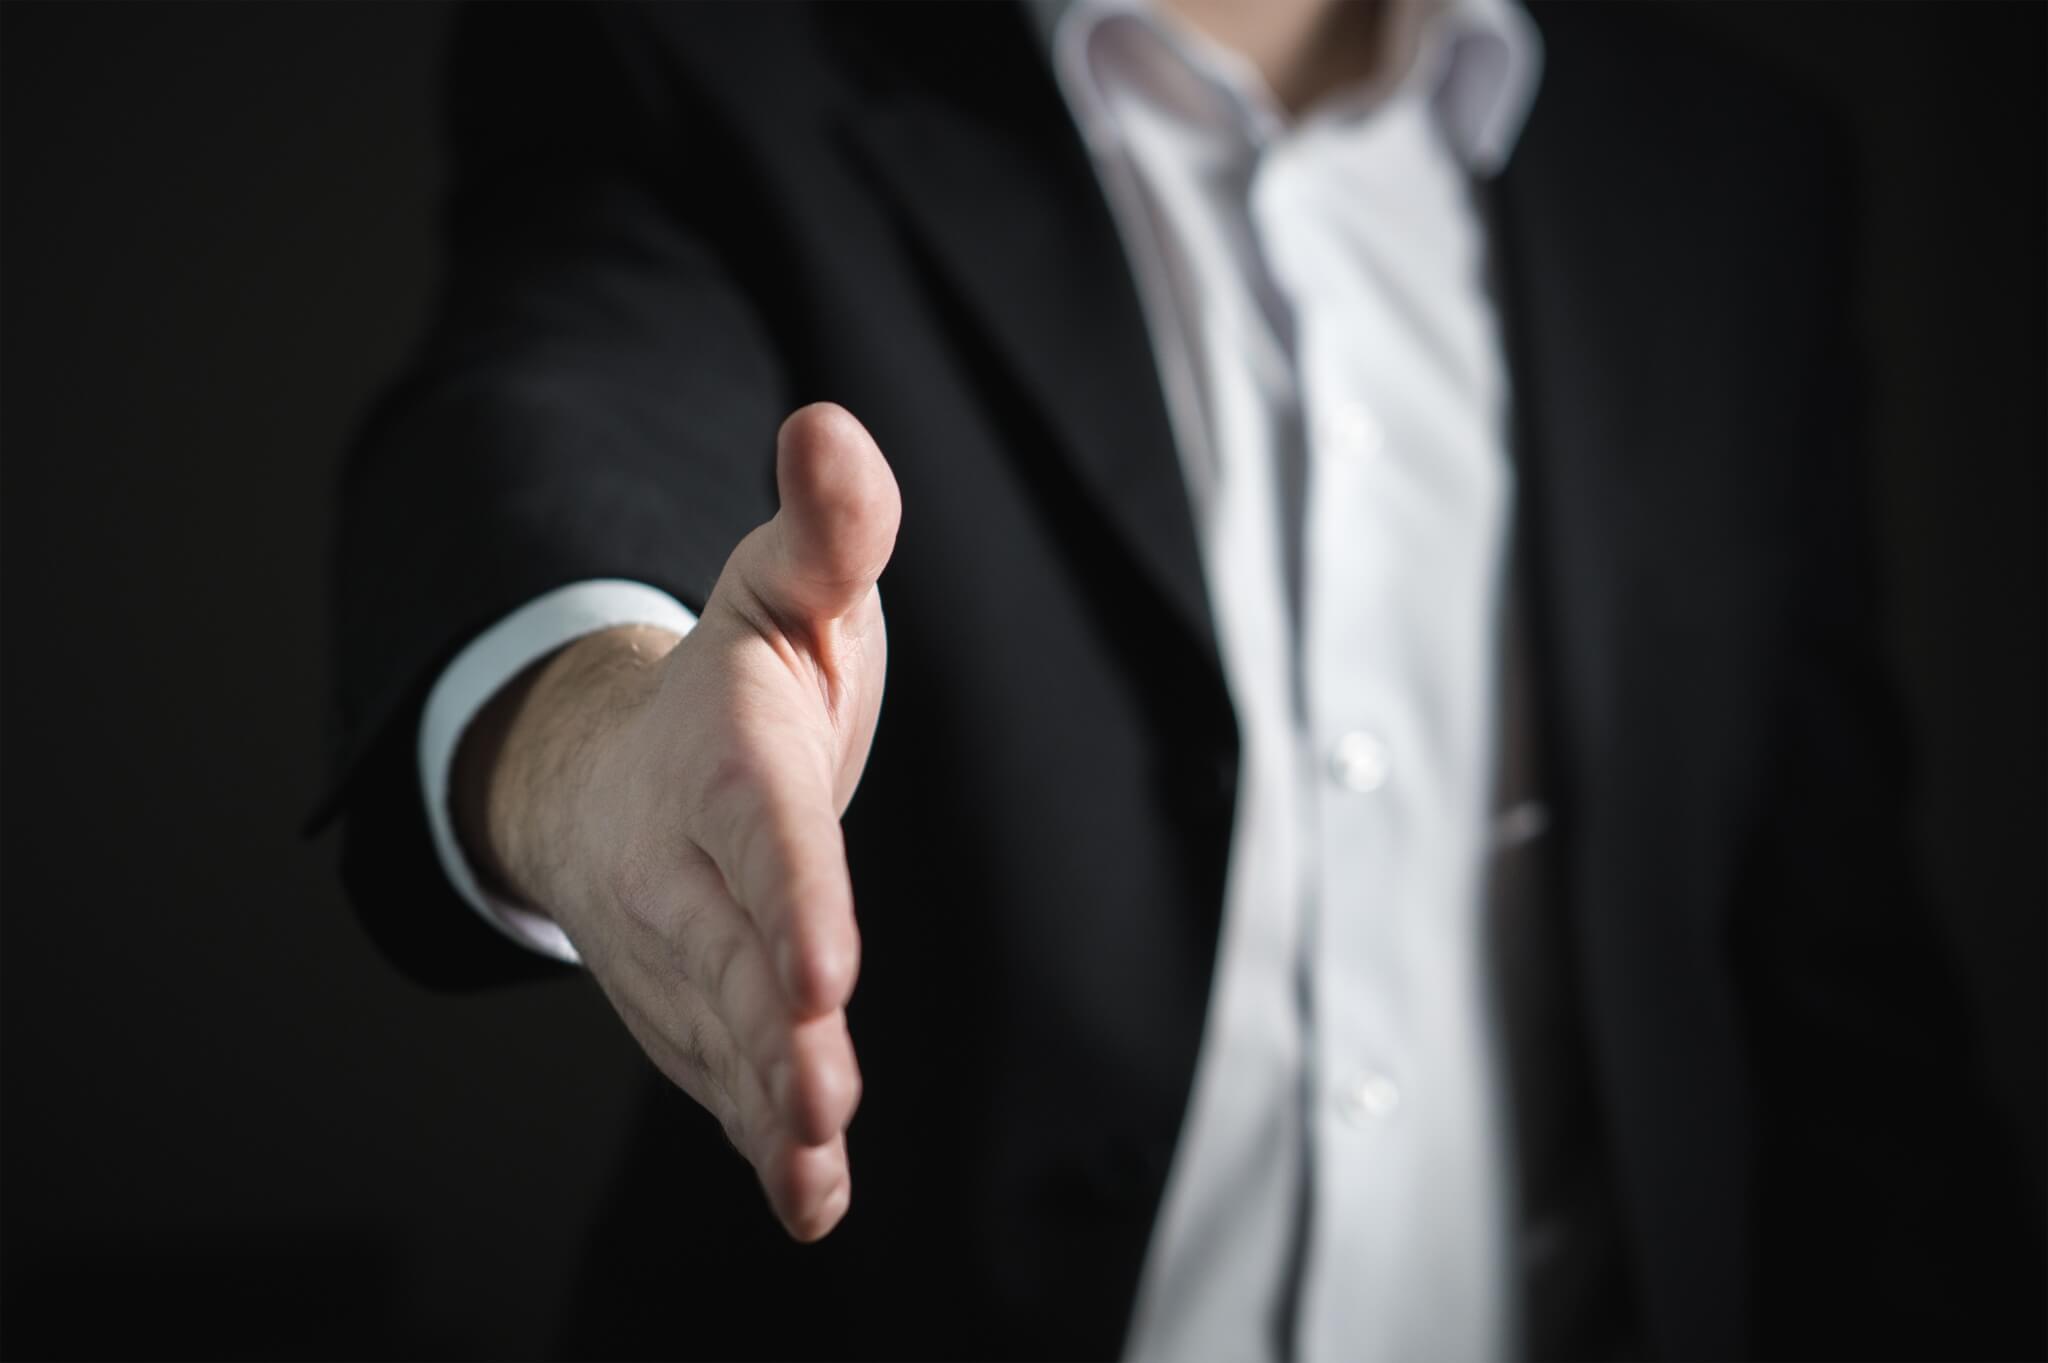 hand extended for handshake